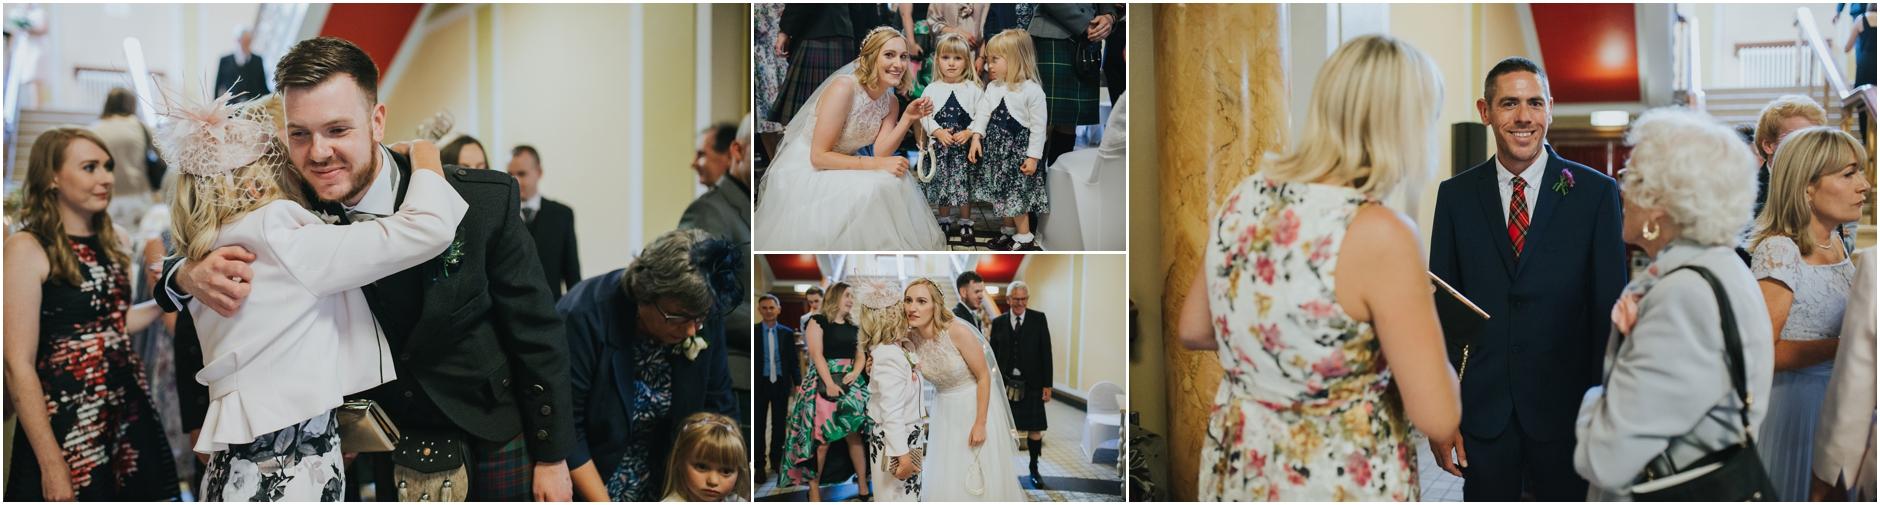 wedding celebration at thomas morton hall edinburgh leith theatre